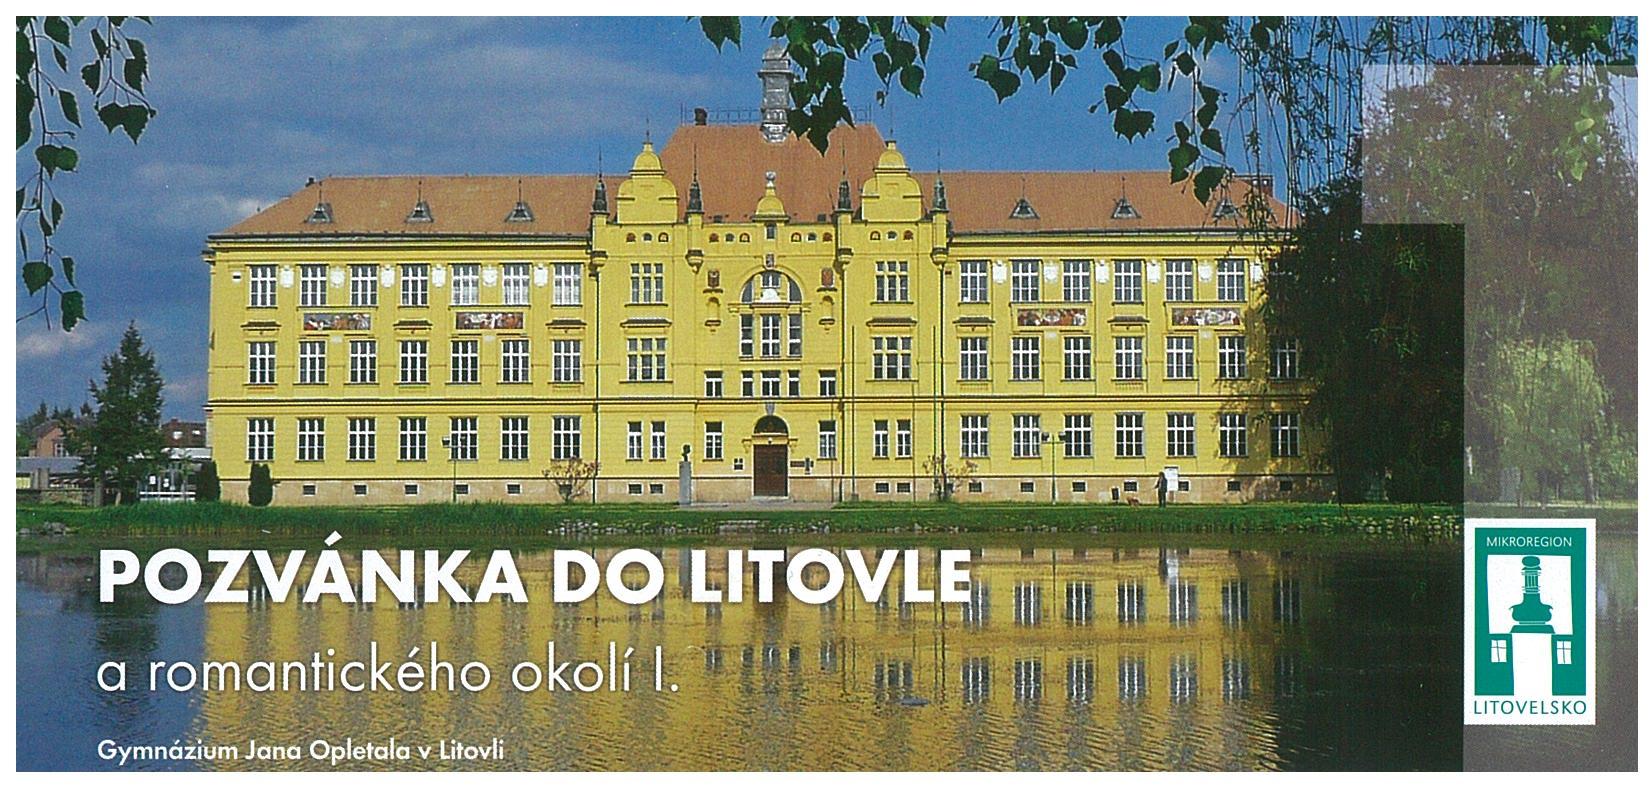 Pozvánka do Litovle a romantického okolí I, obrázek se otevře v novém okně